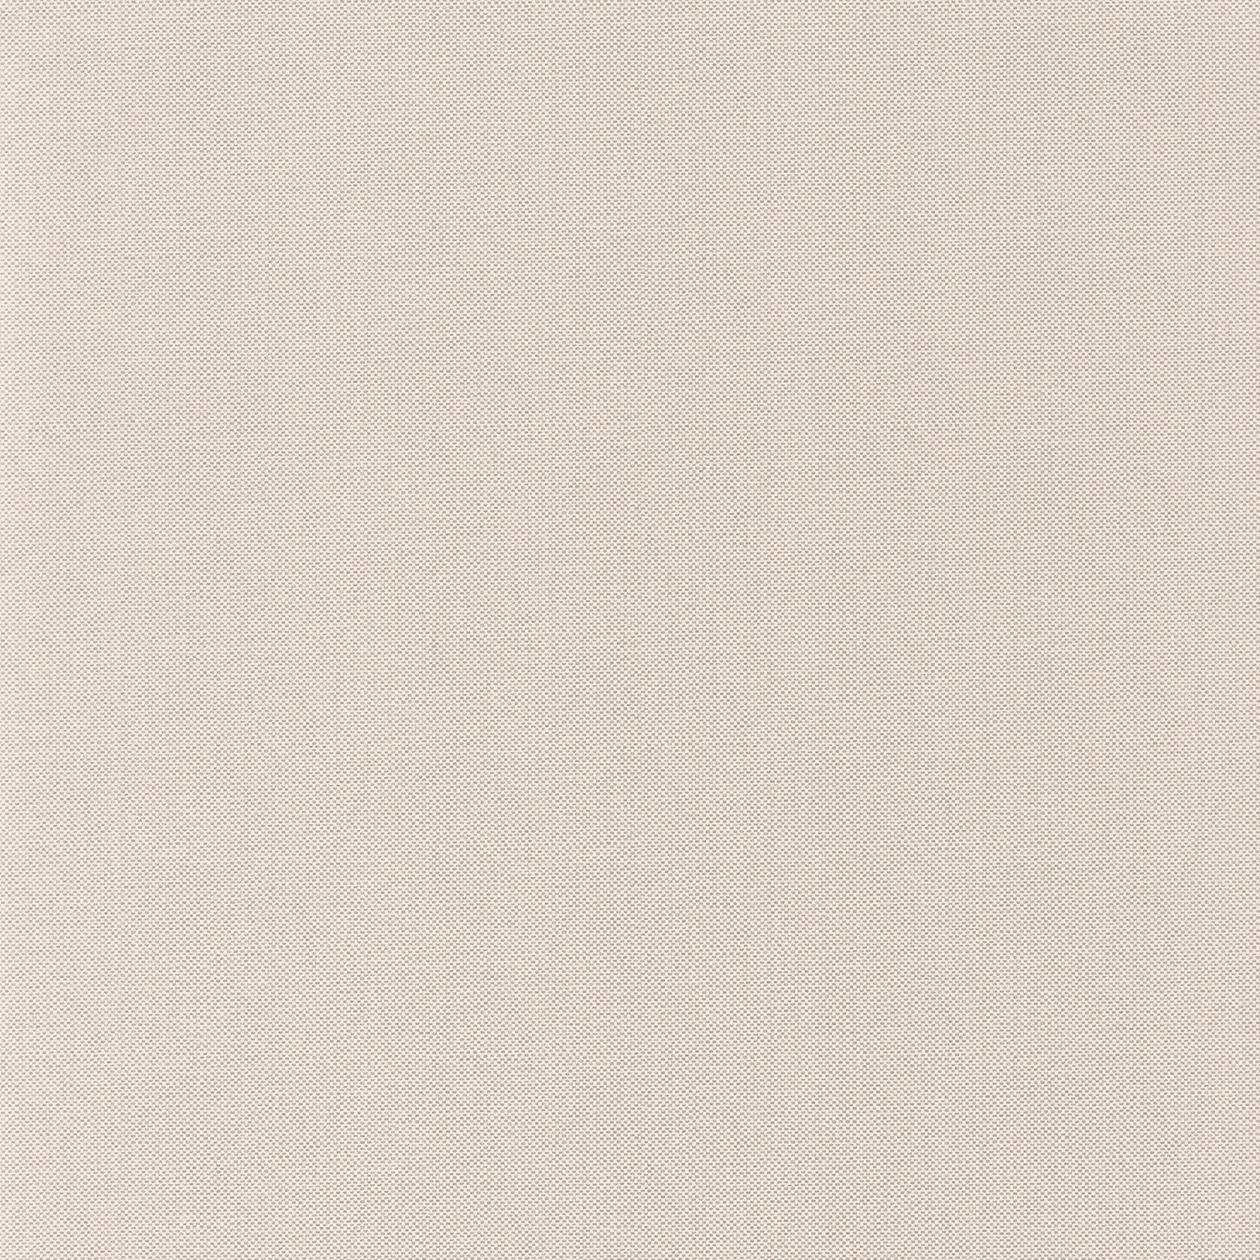 Обои Caselio Natte (53 см) 101561650